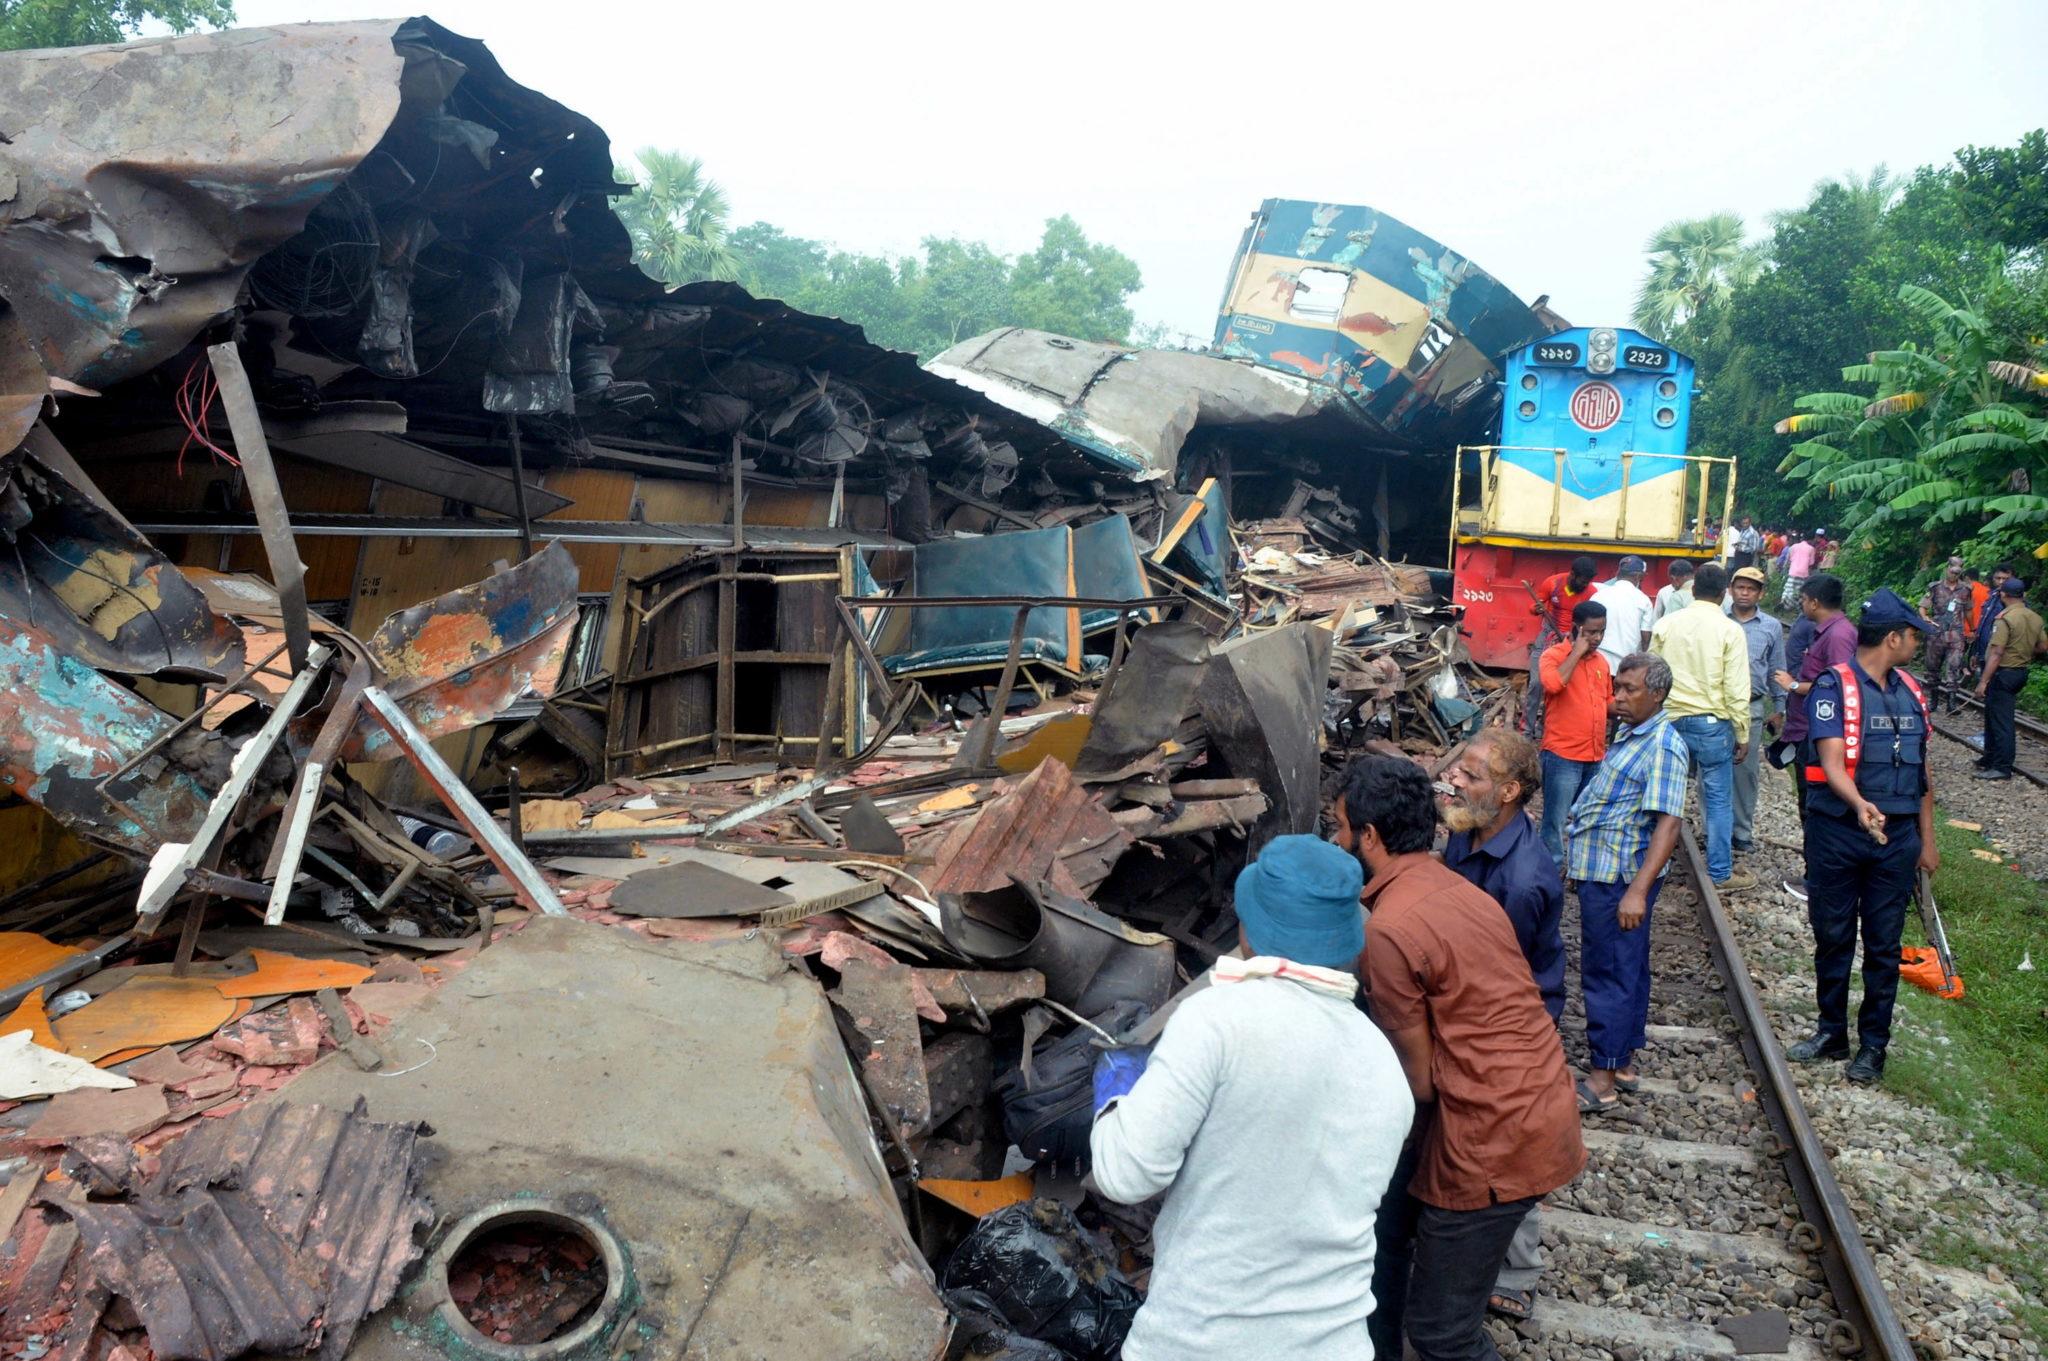 Bangladesz: katastrofa kolejowa. Rannych zostało ponad 100 osób, co najmniej 16 poniosło śmierć. fot.   EPA/STR